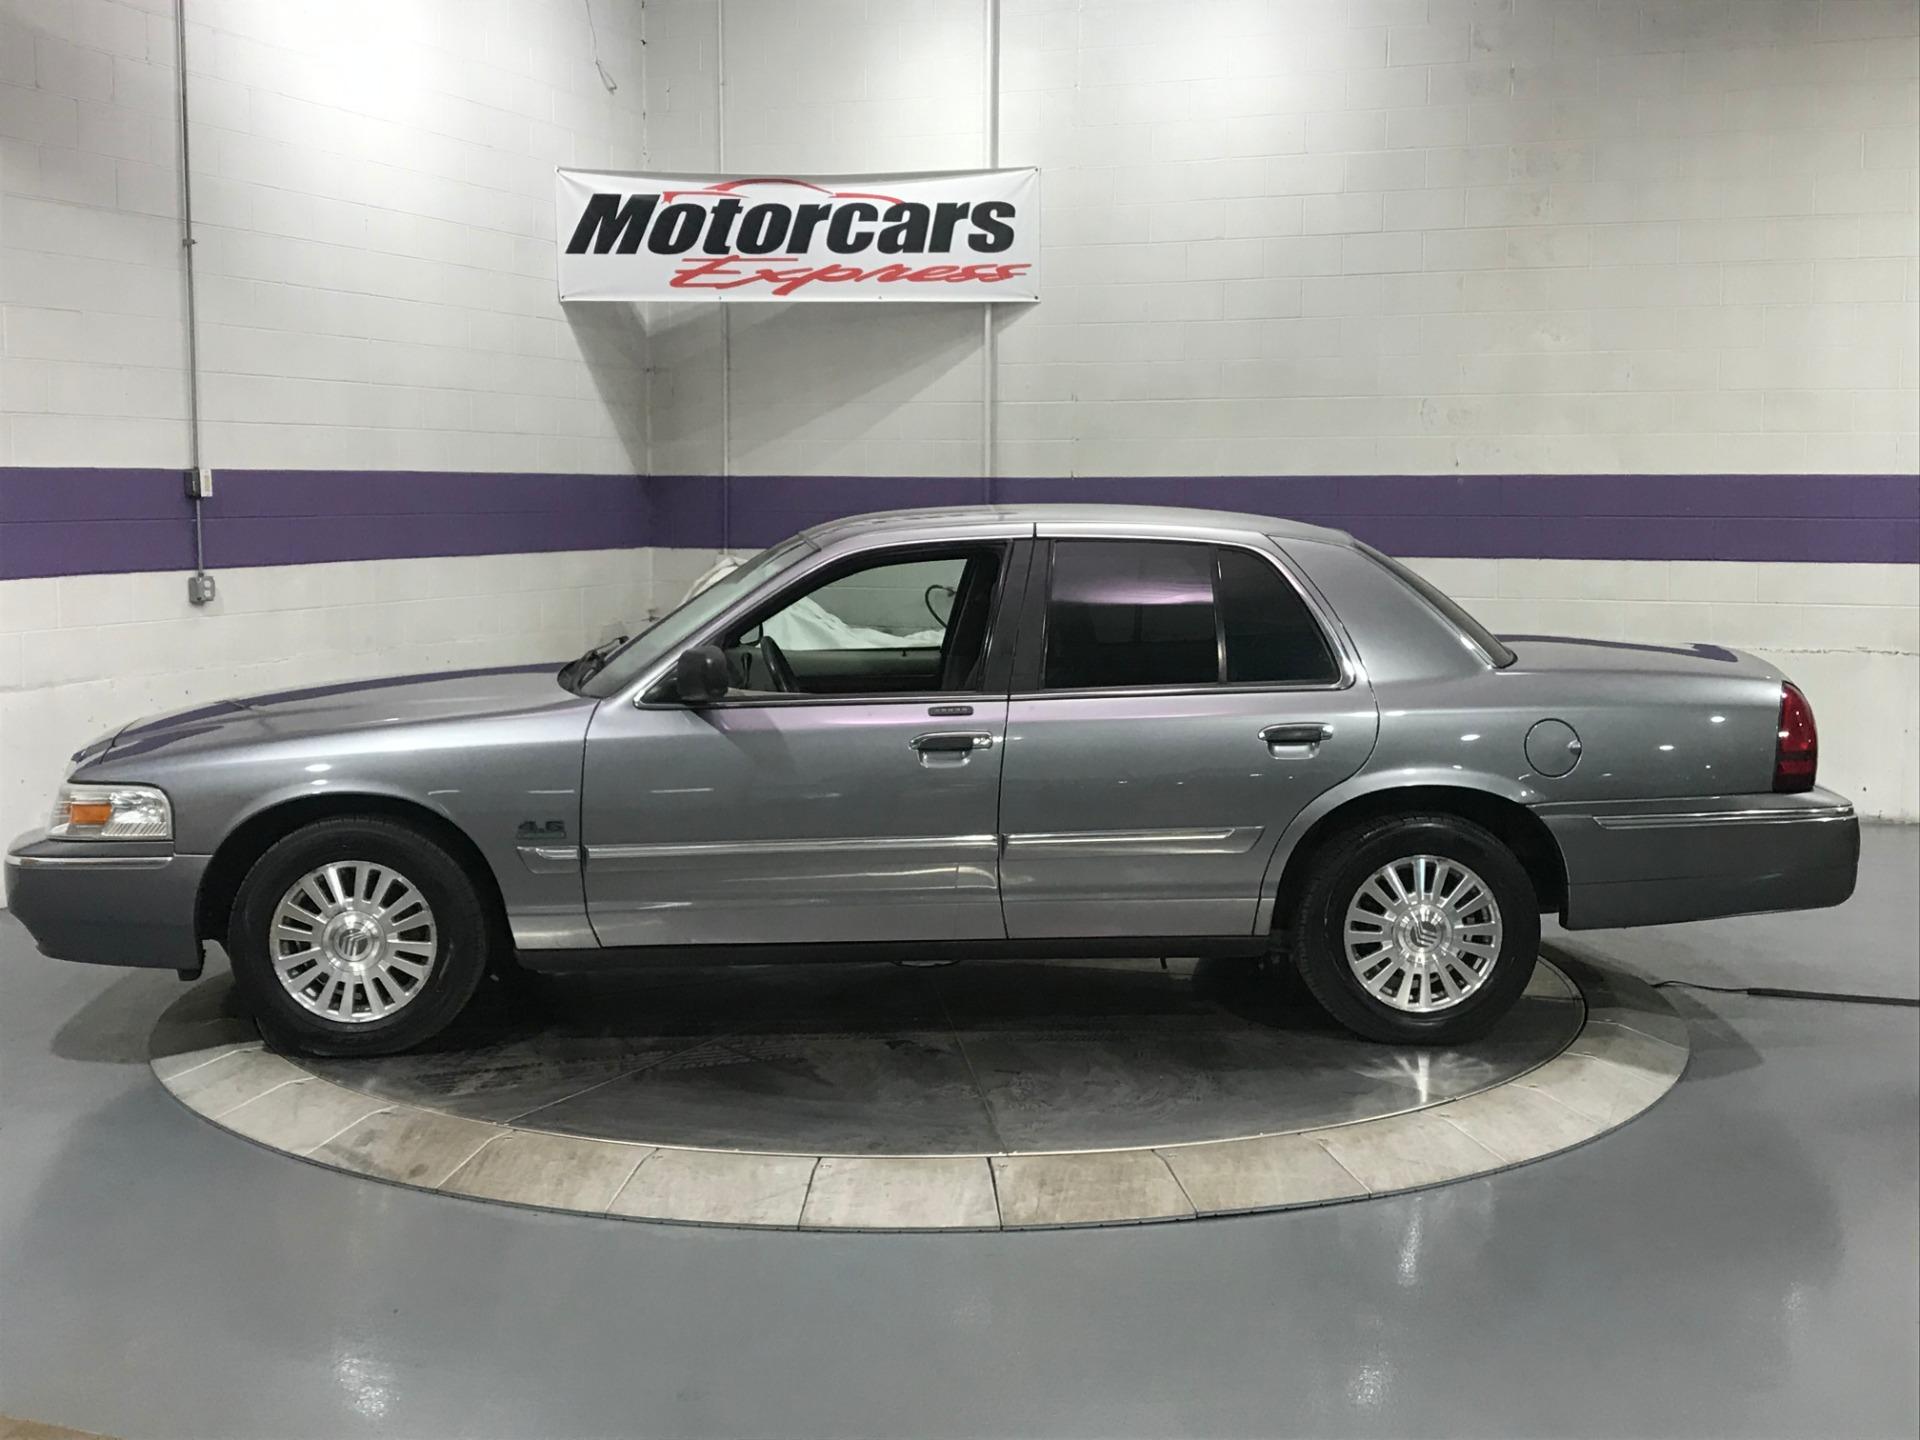 Used-2006-Mercury-Grand-Marquis-LS-Premium